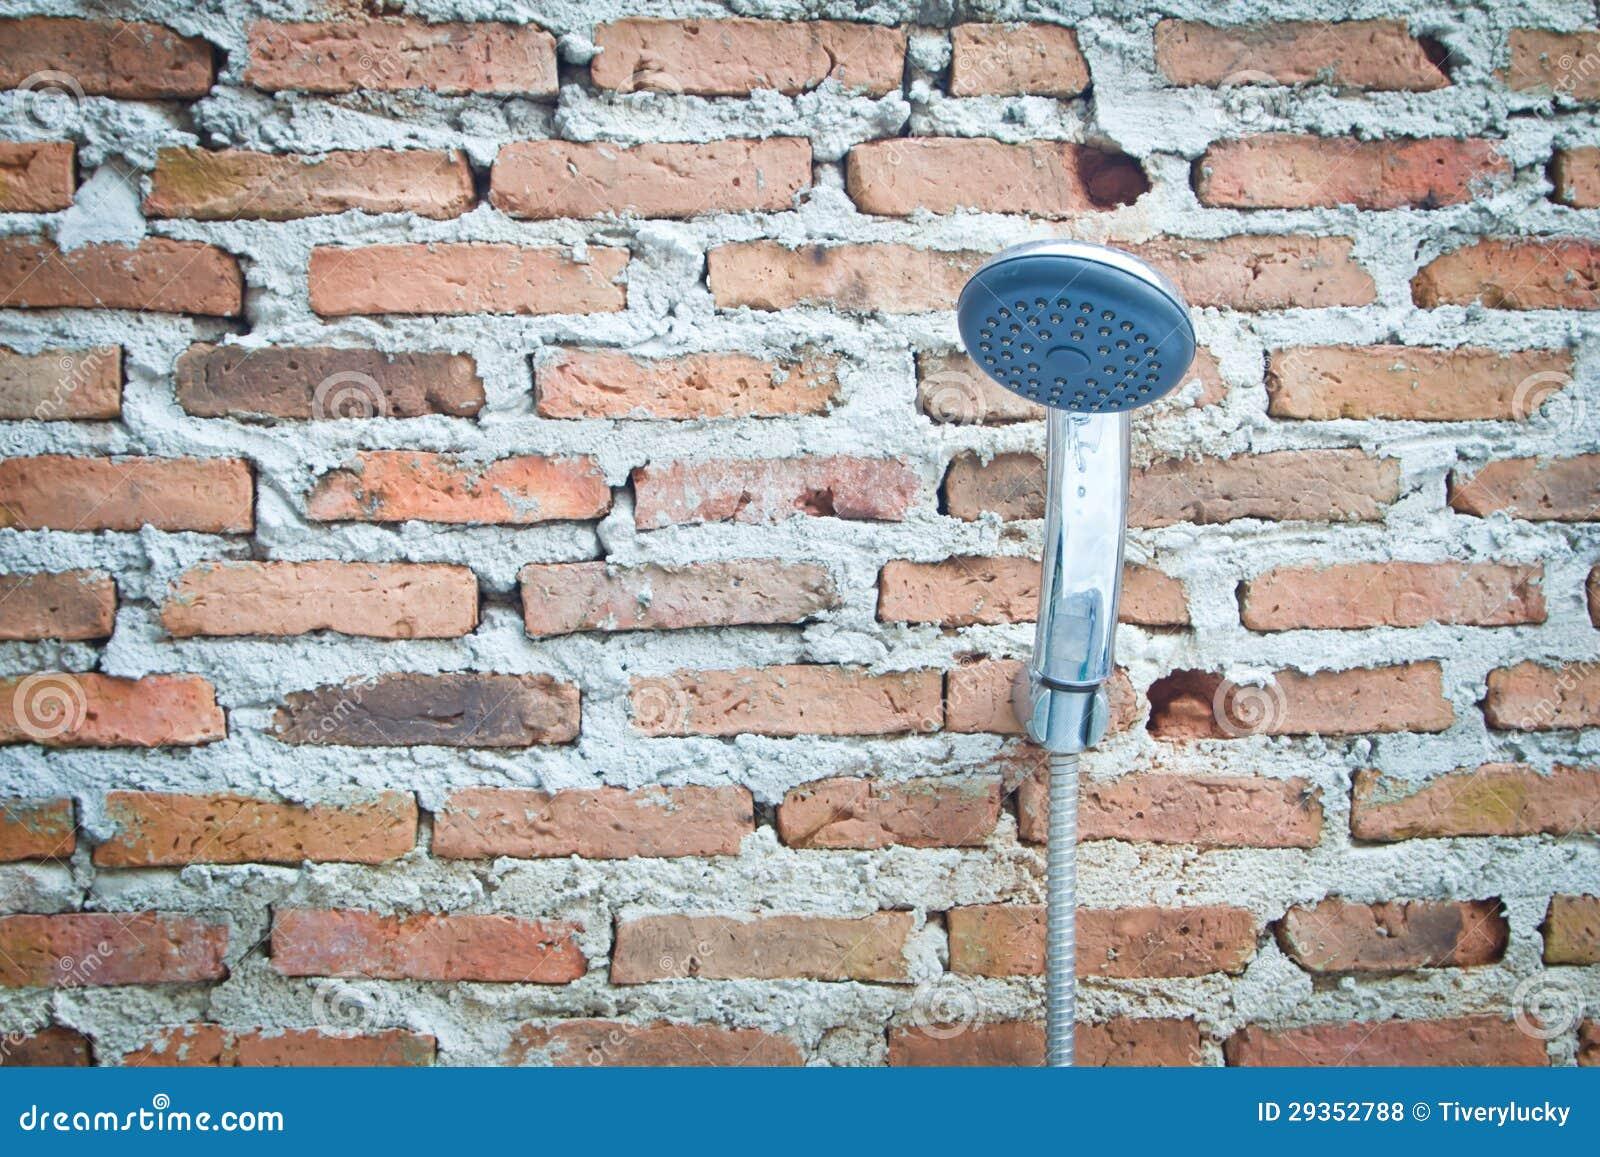 Douche op een bakstenen muur royalty vrije stock foto 39 s afbeelding 29352788 - Kleden muur op ...